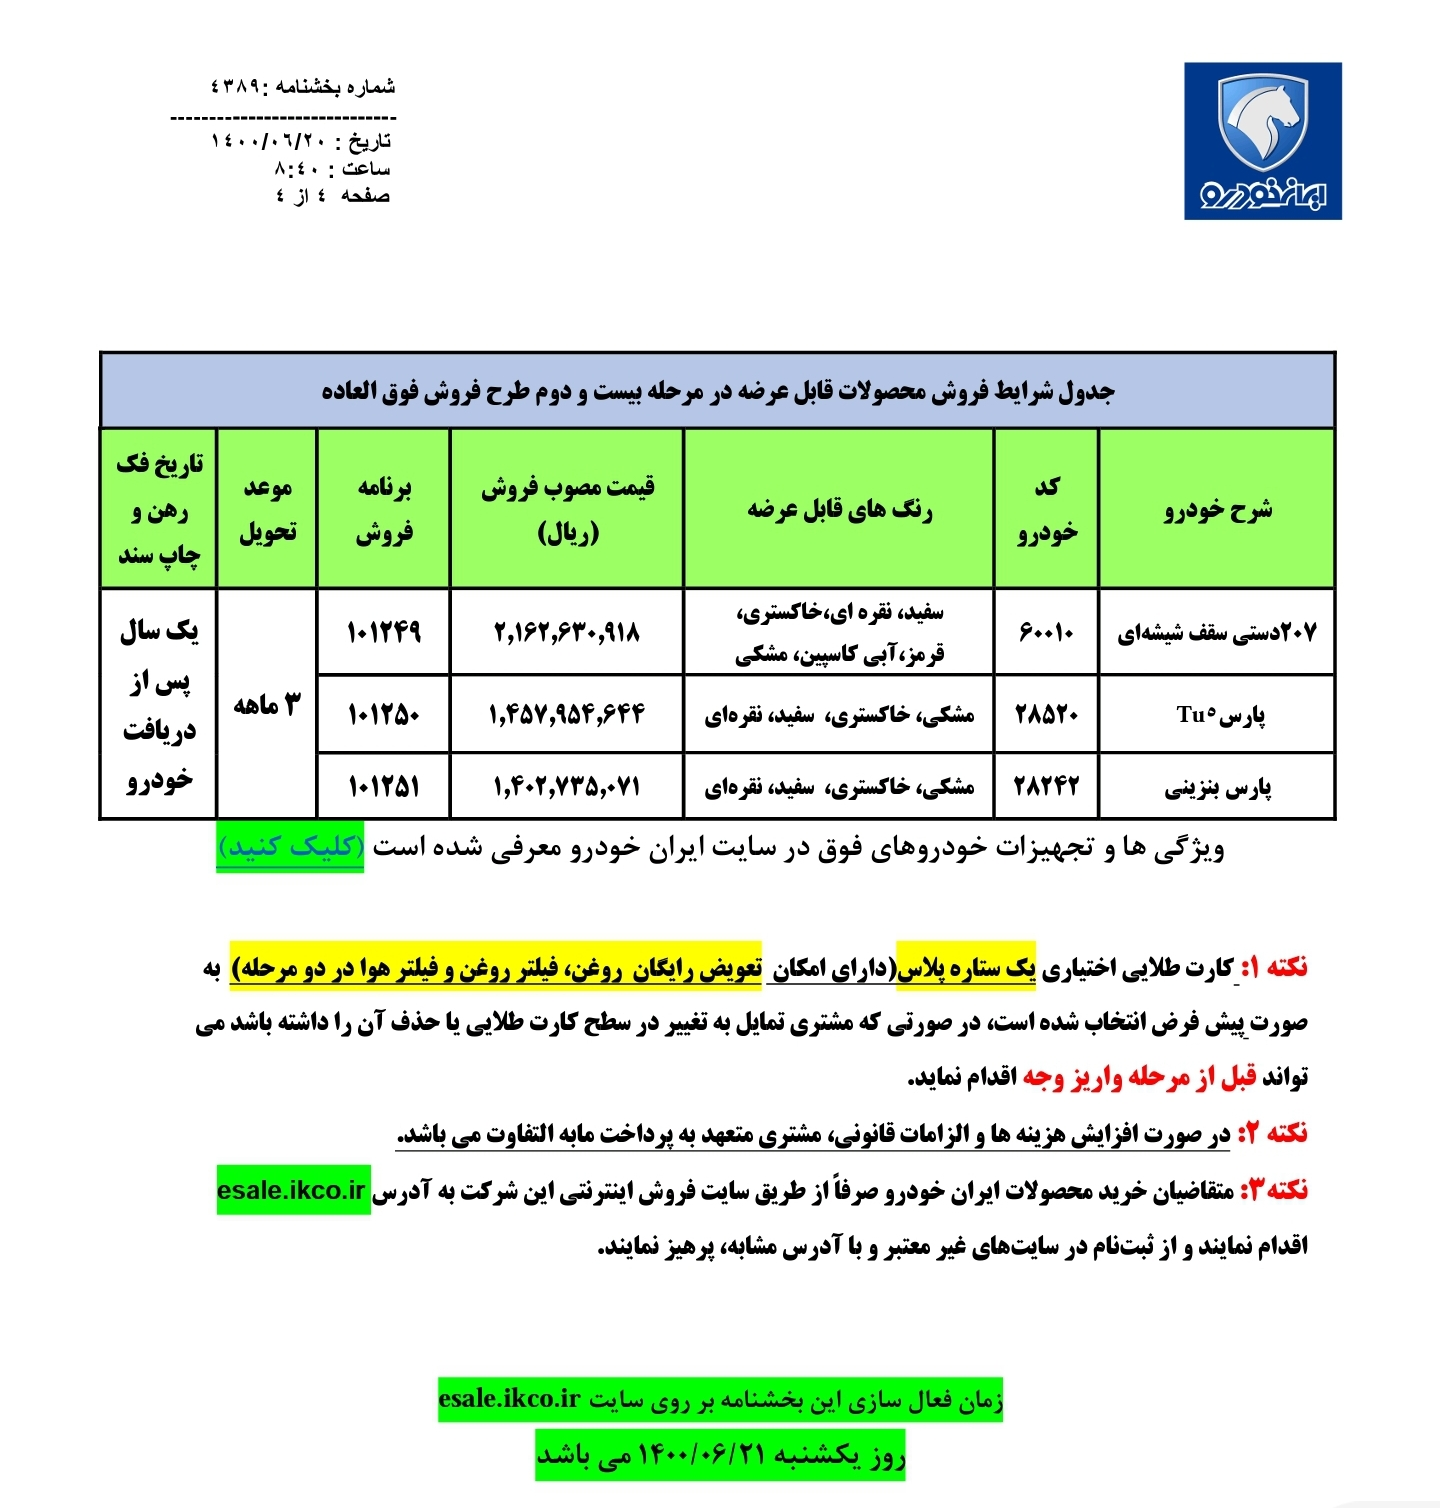 ثبت نام مرحله 22 پیش فروش ایران خودرو